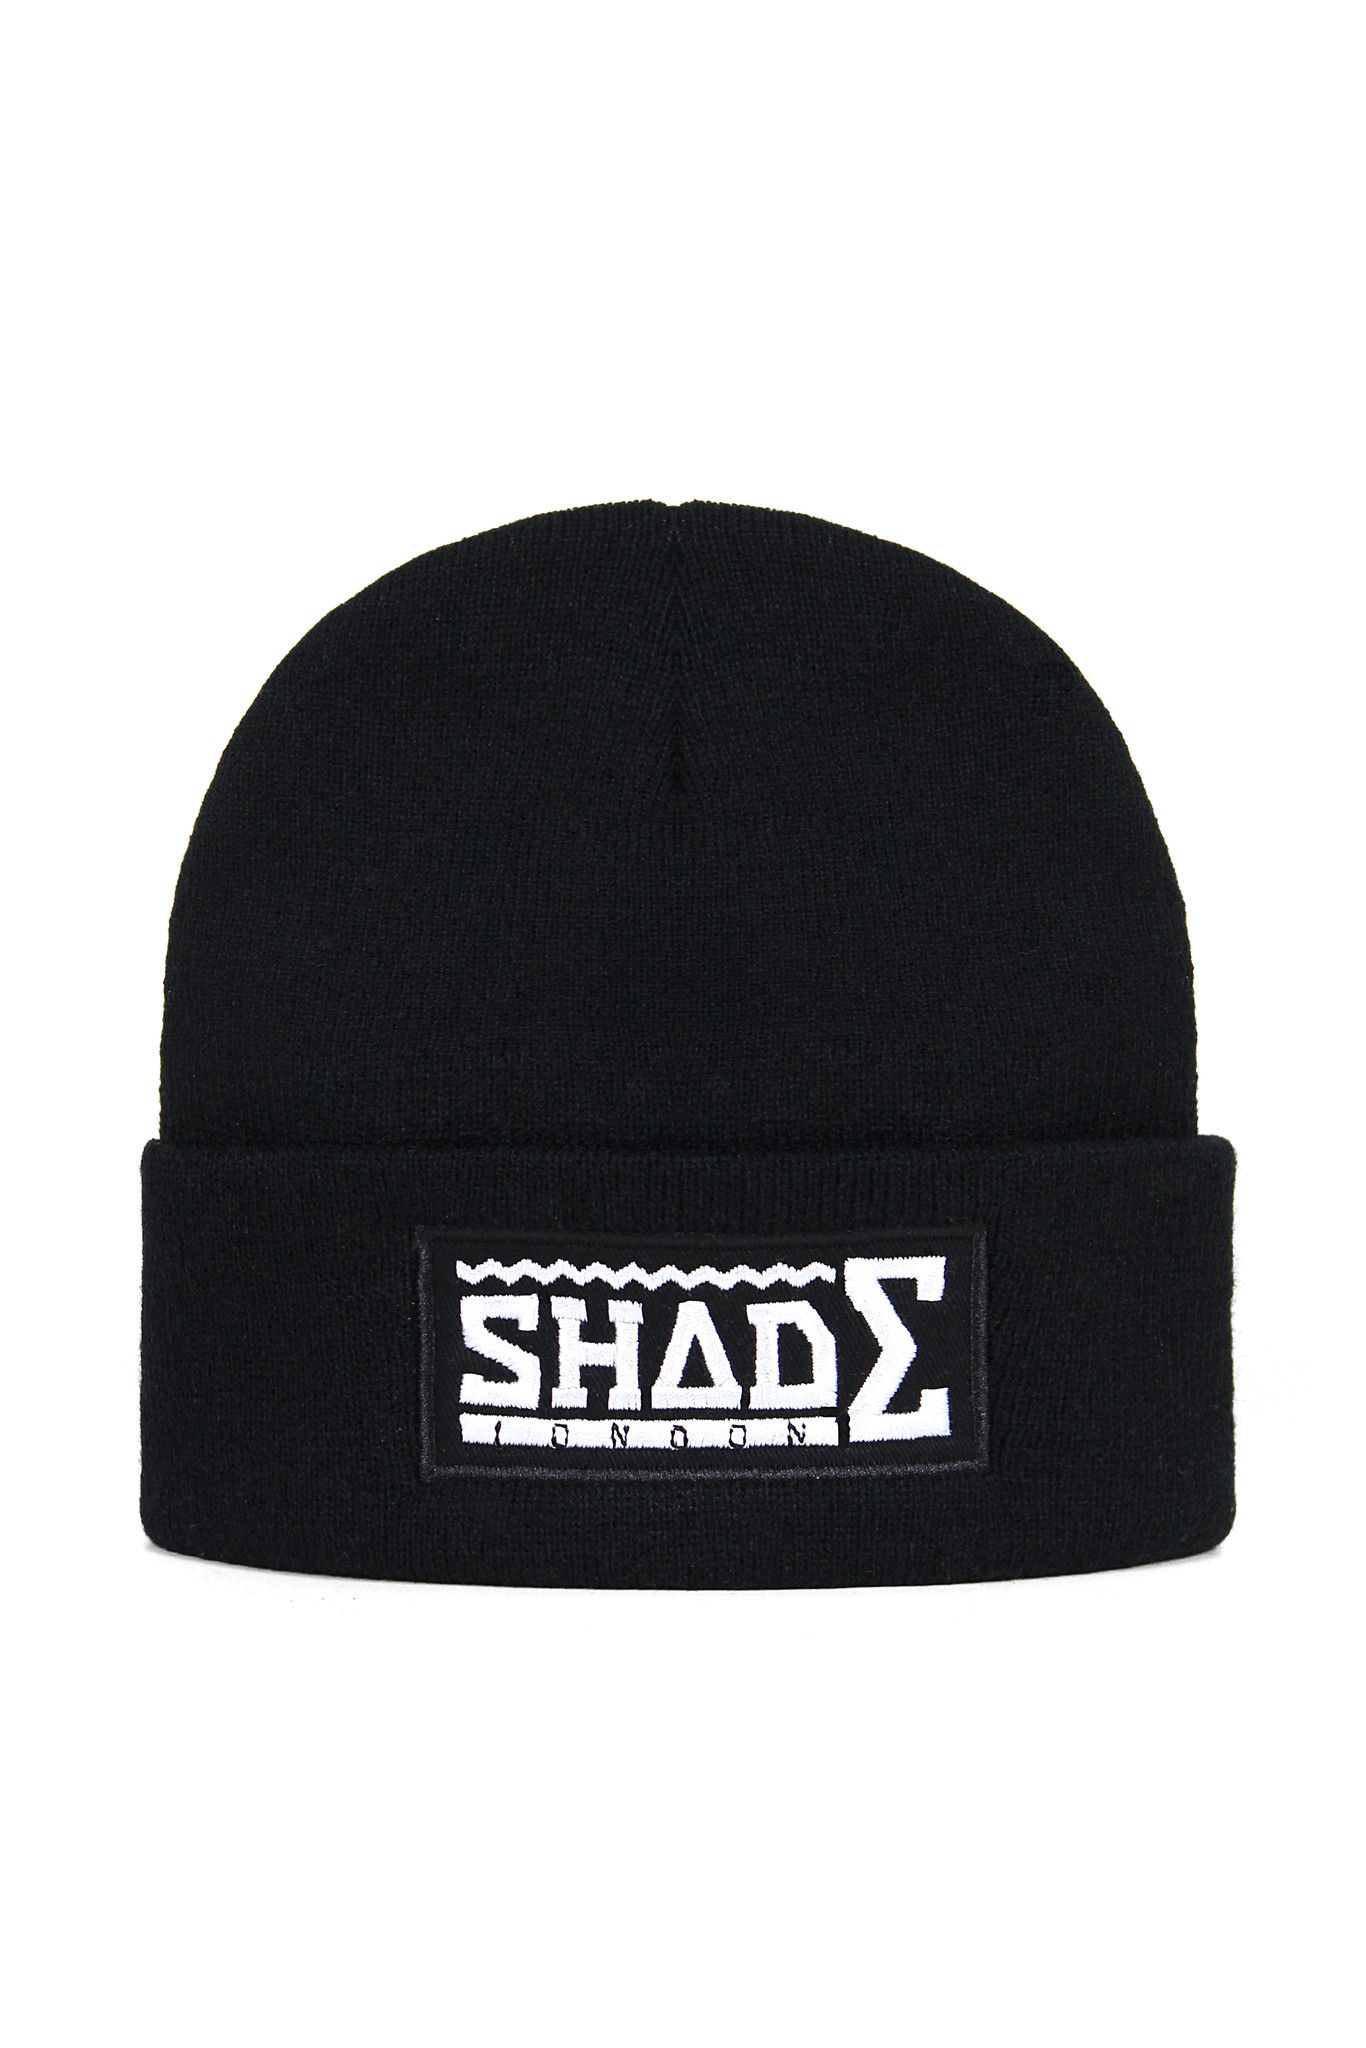 Shade black beanie hat – shade london